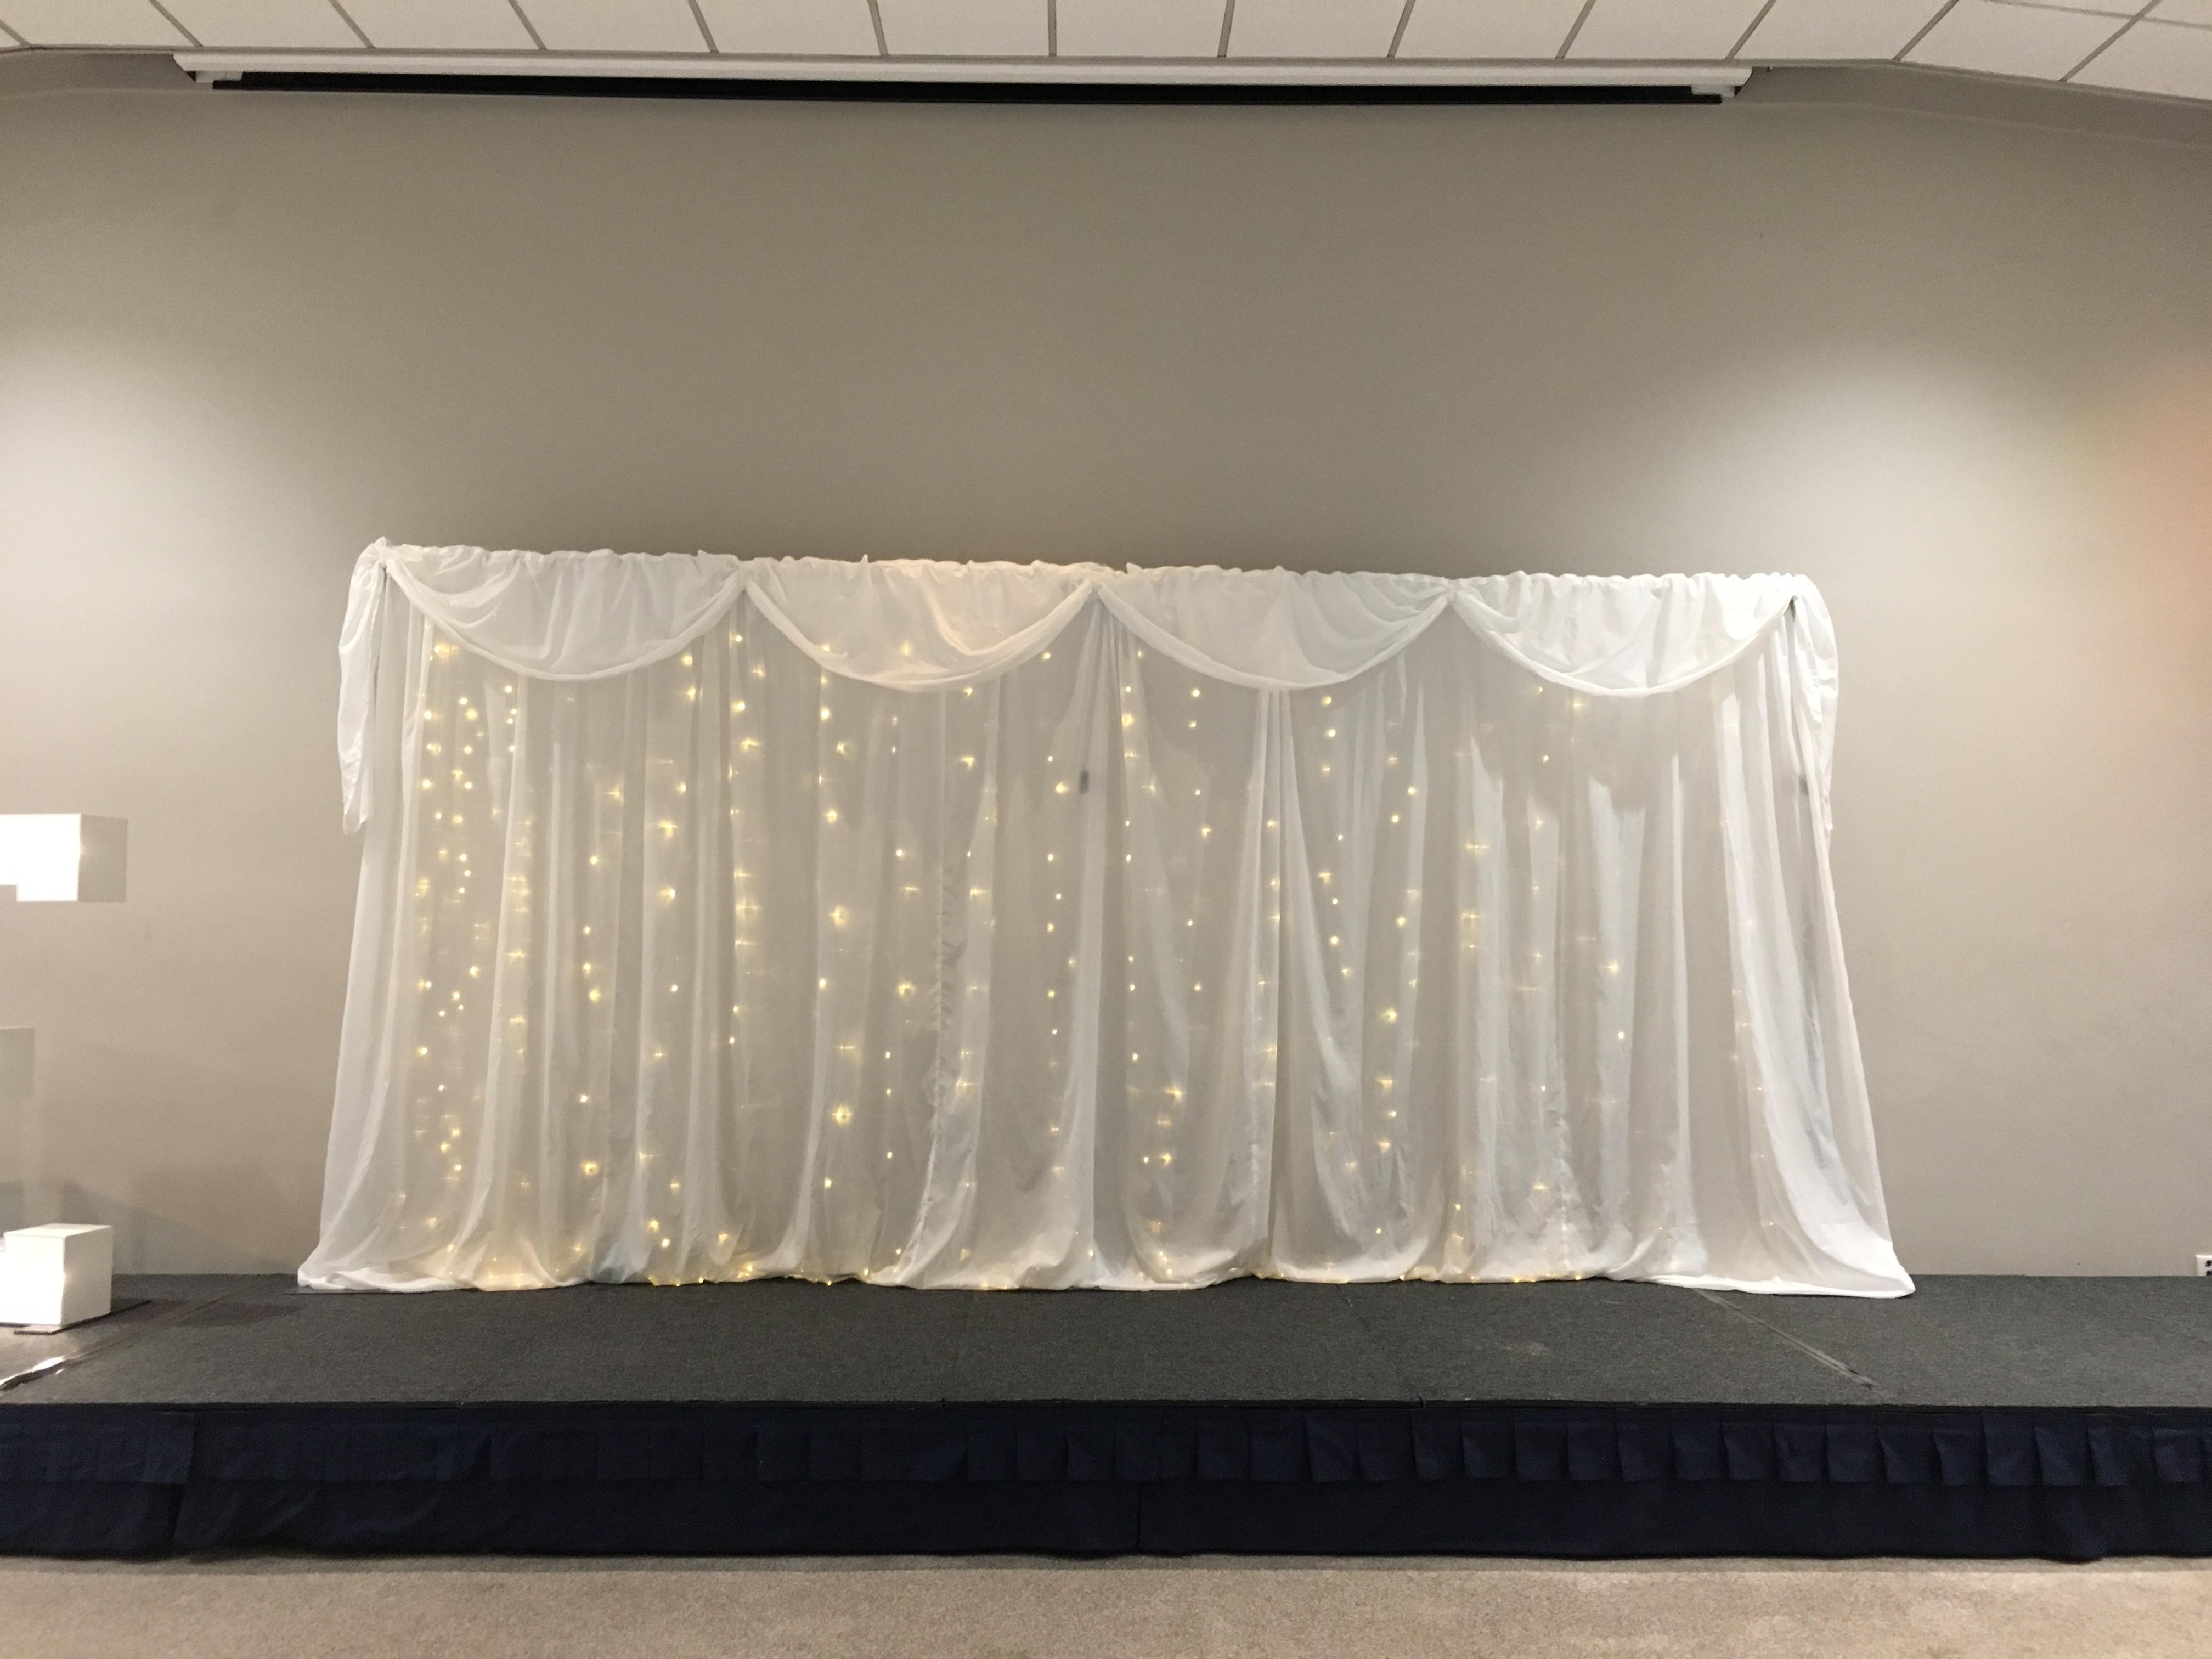 Twinkle Starlight Backdrop Sophia's Final Touch - Venue Styling - Weddings